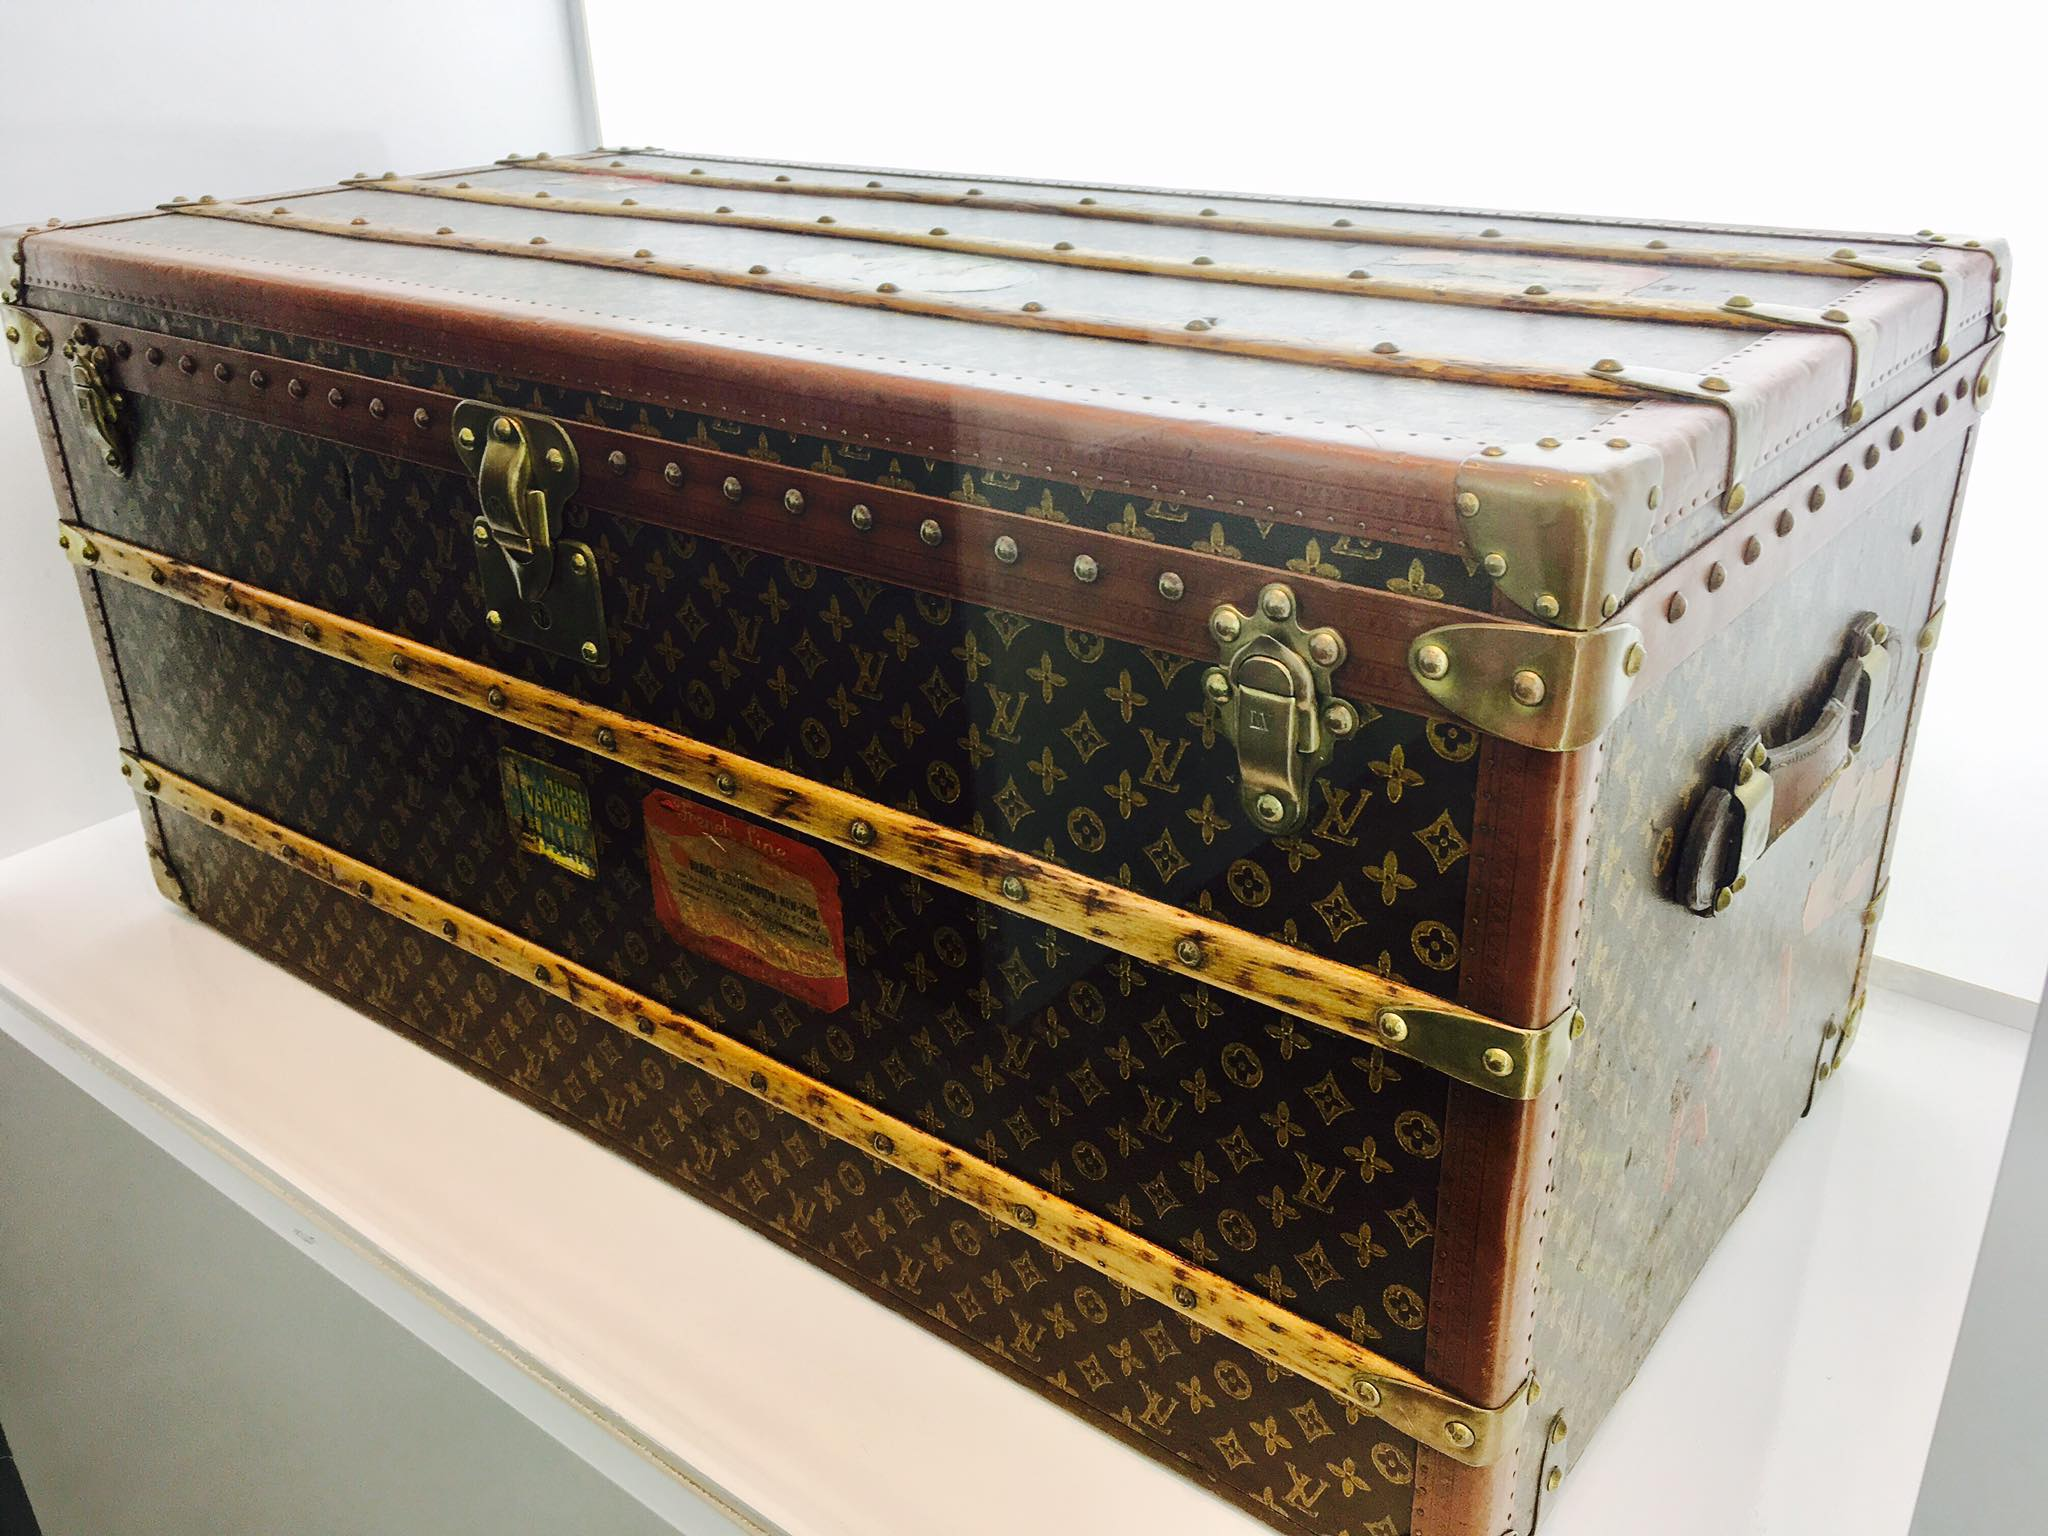 Baúl de Louis Vuitton exposición Time Capsule